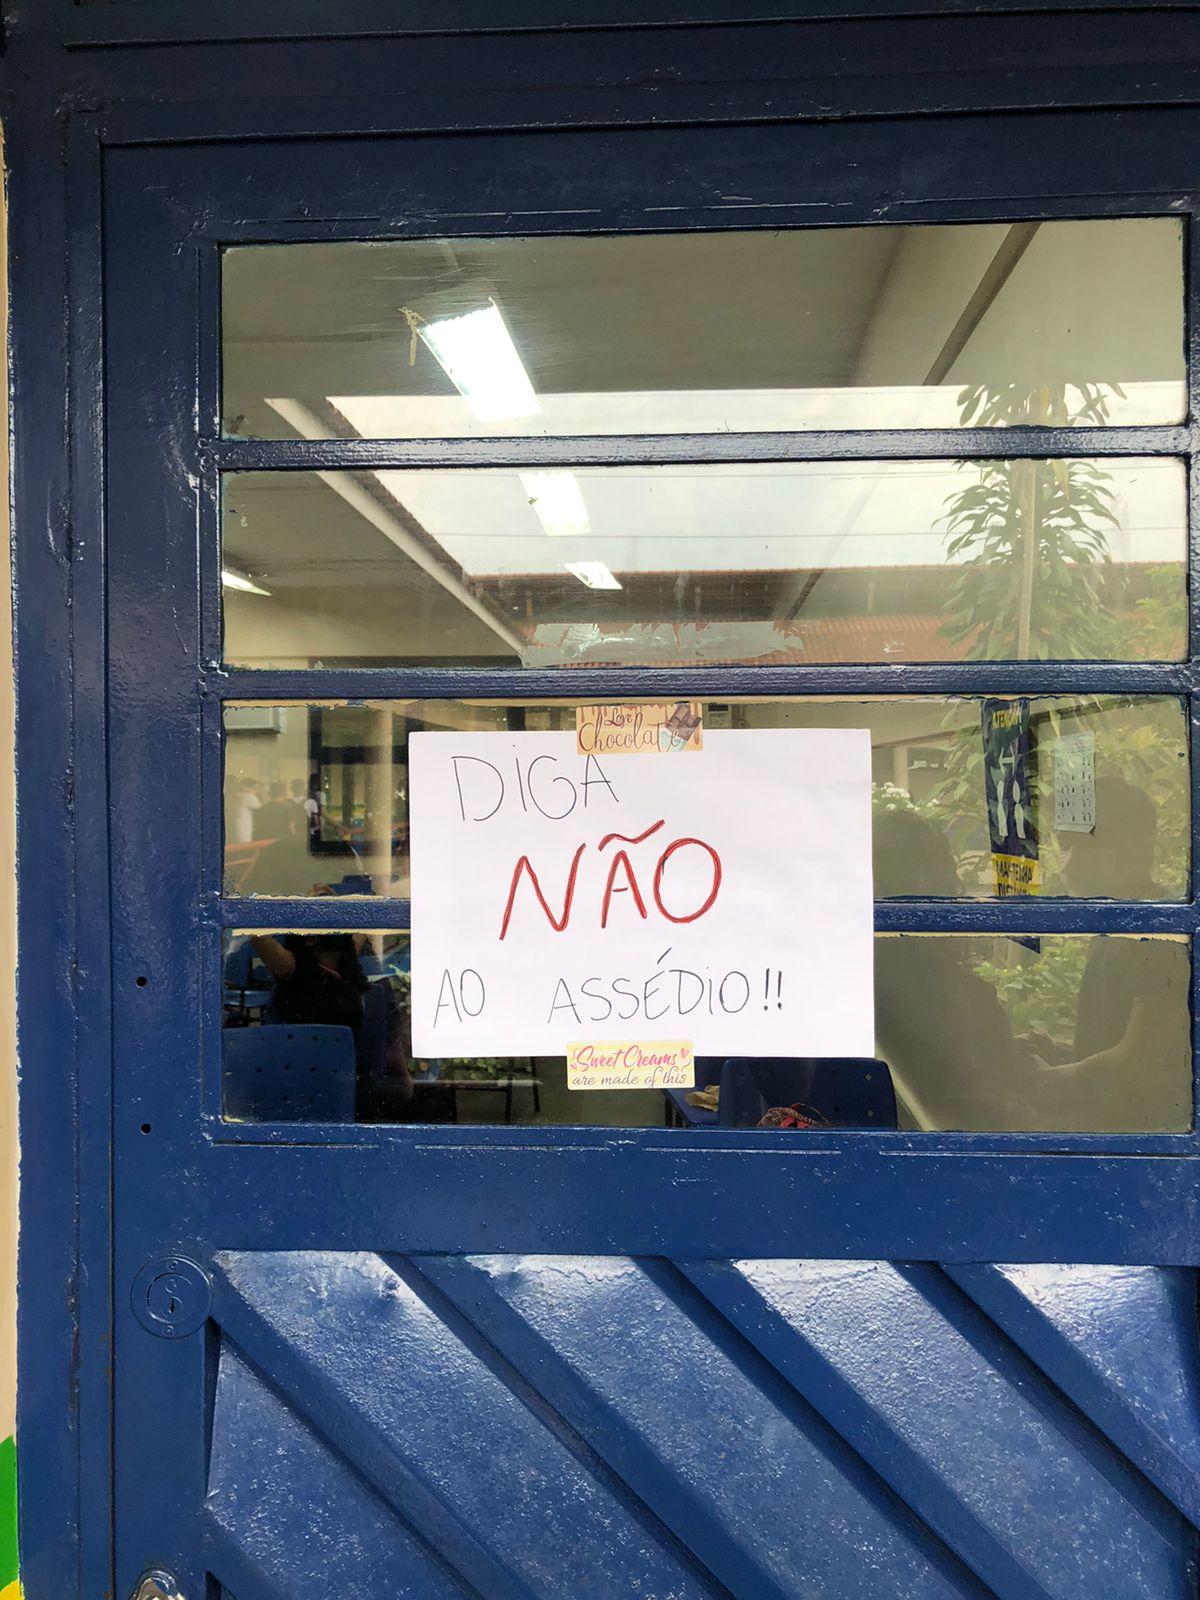 Alunos de escola pública de Manaus protestam contra professor suspeito de assediar alunas